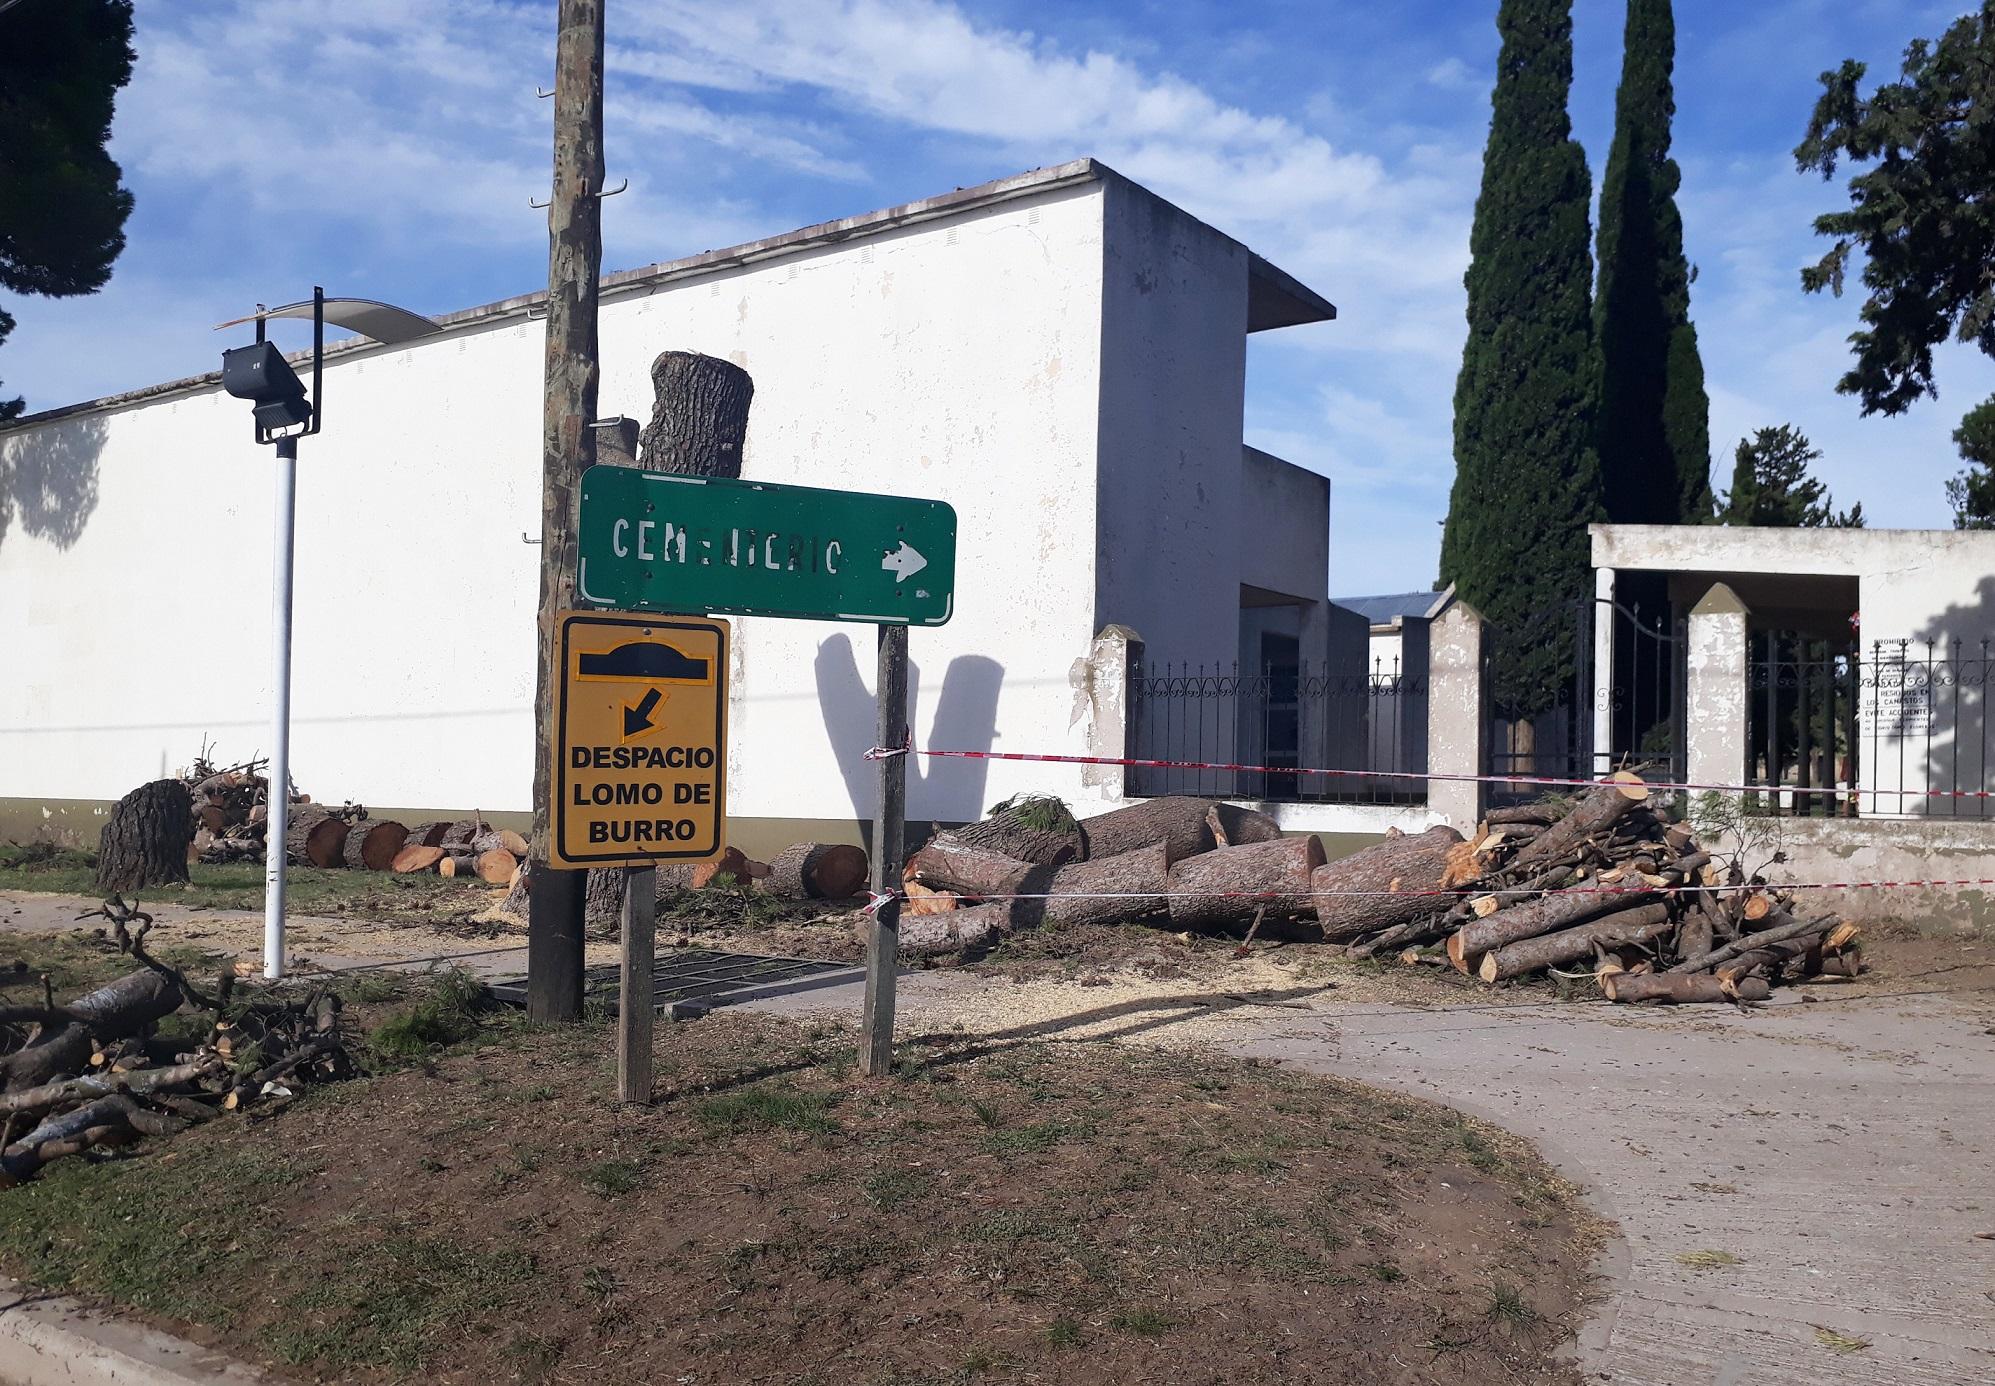 Tornquist – Se reemplazarán árboles frente al cementerio local